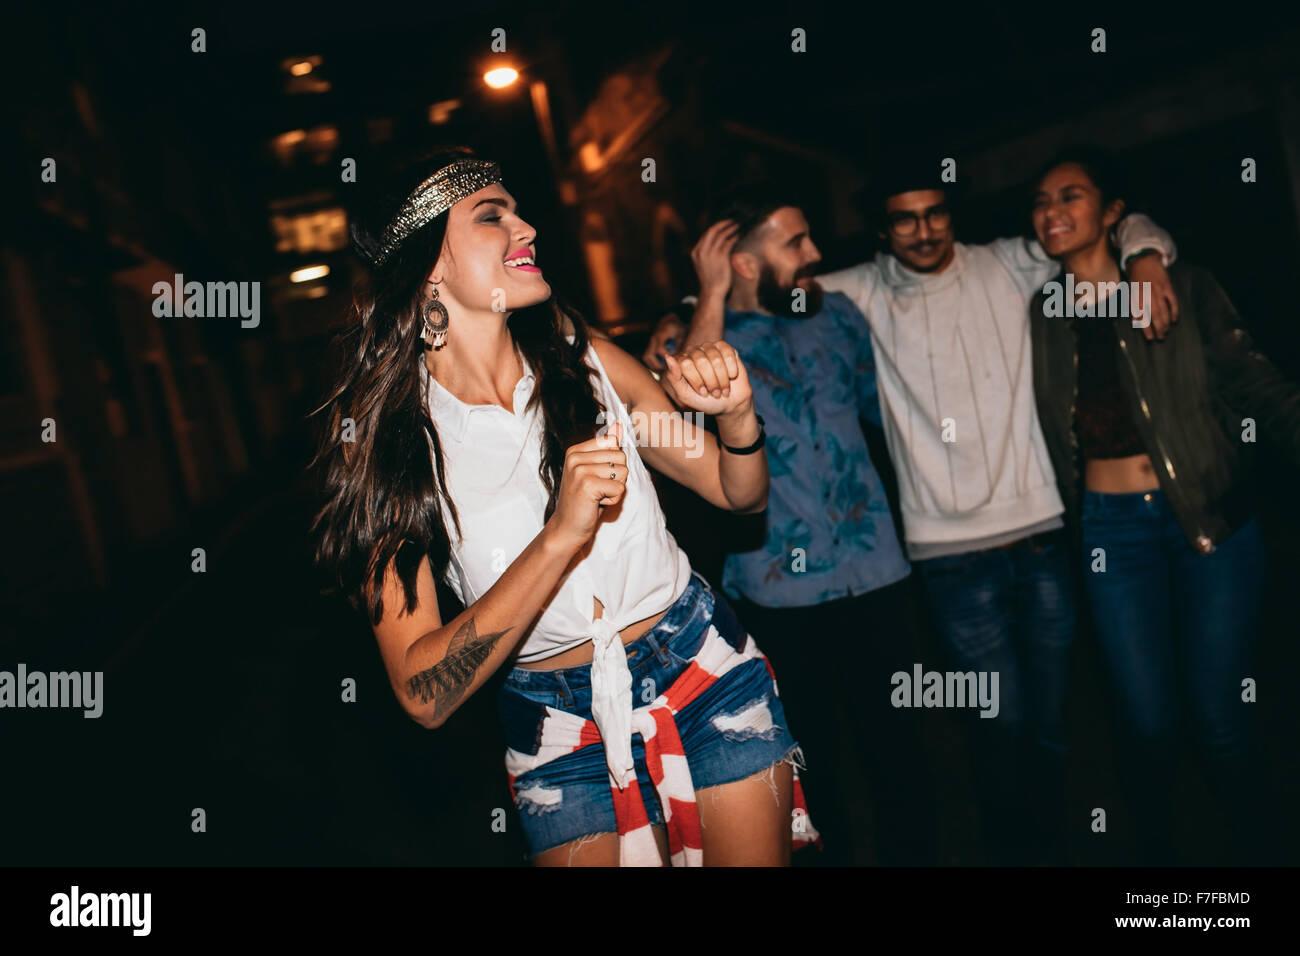 Portrait de jeune femme dansant avec ses amis dans l'arrière-plan. Heureux les jeunes filles bénéficiant Photo Stock